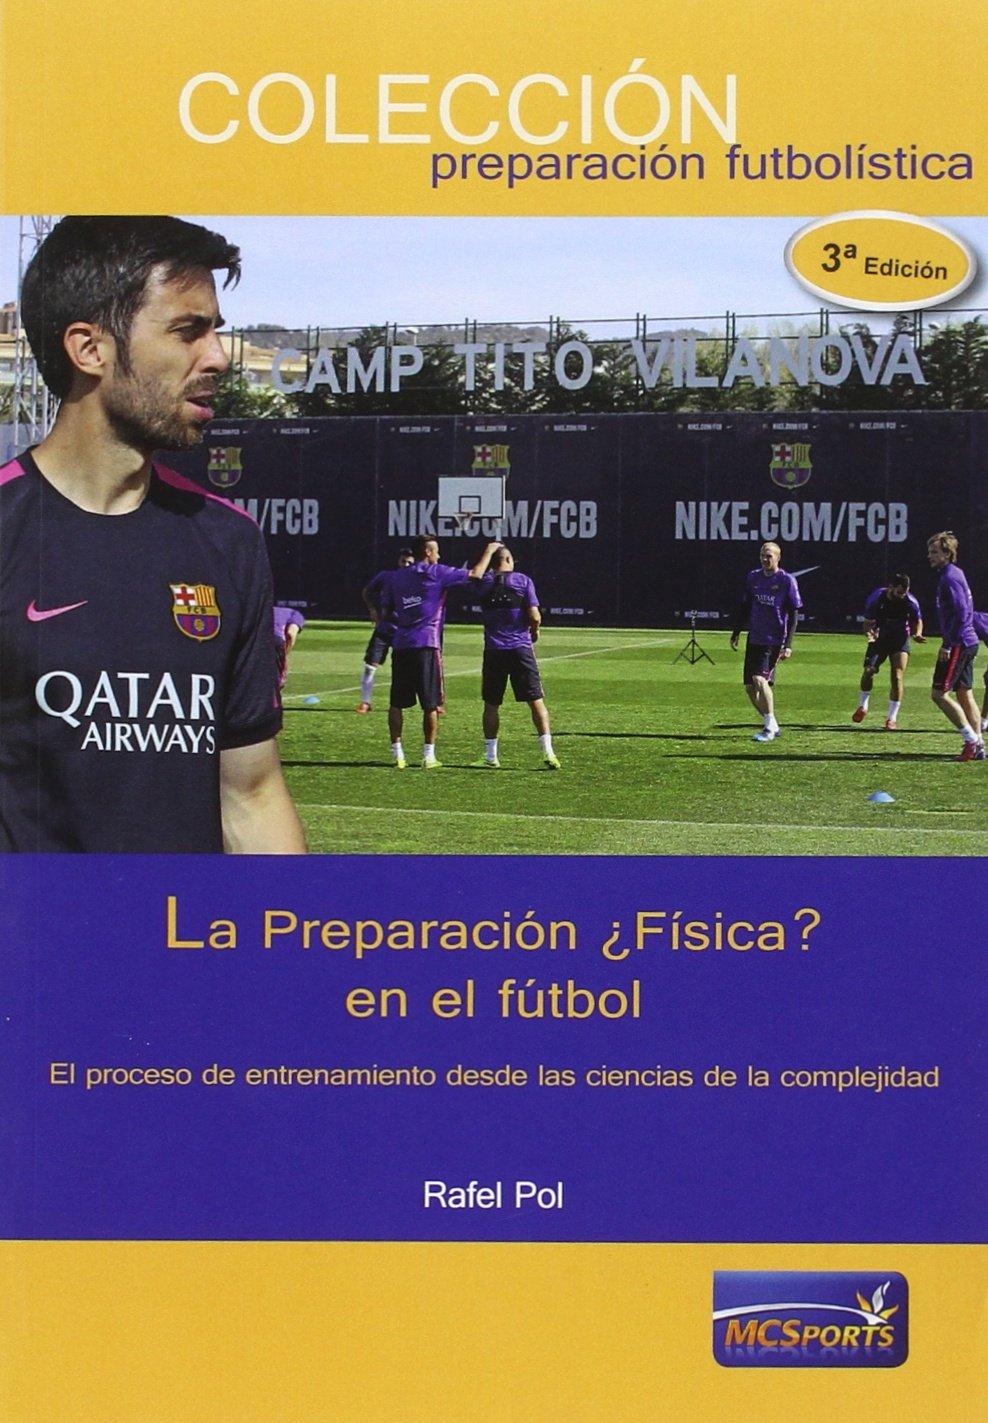 La Preparación ¿Física? en el fútbol Tapa blanda – 1 sep 2015 Rafel Pol Moreno y Conde Sports S.L. 8493724688